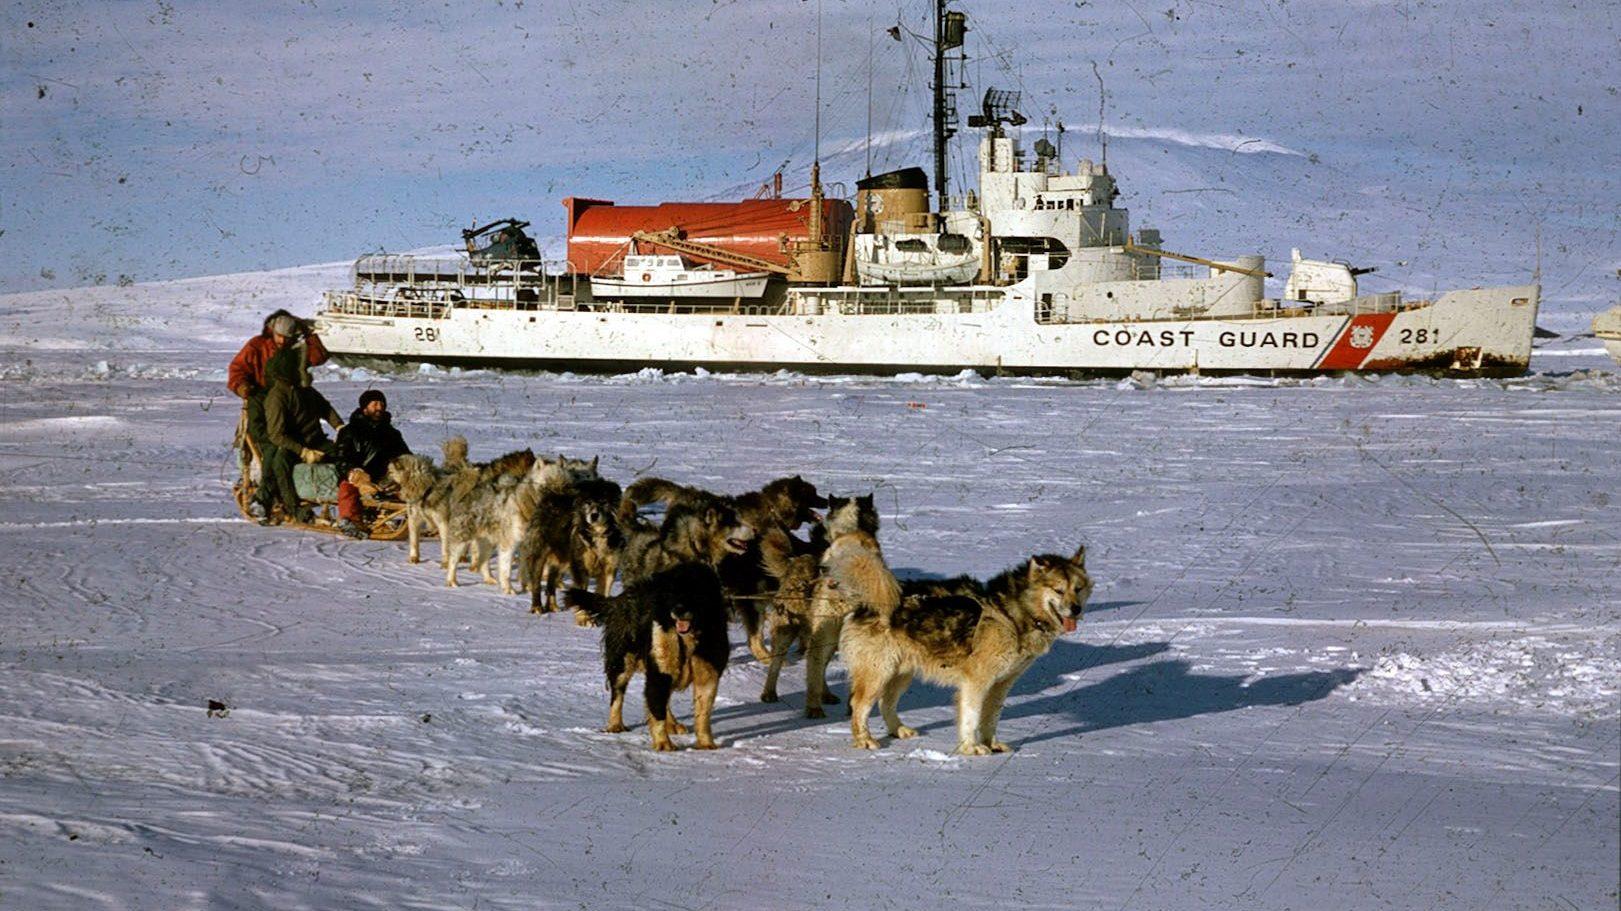 Запоріжець опублікував фотознімки антарктичної експедиції США 80-х років